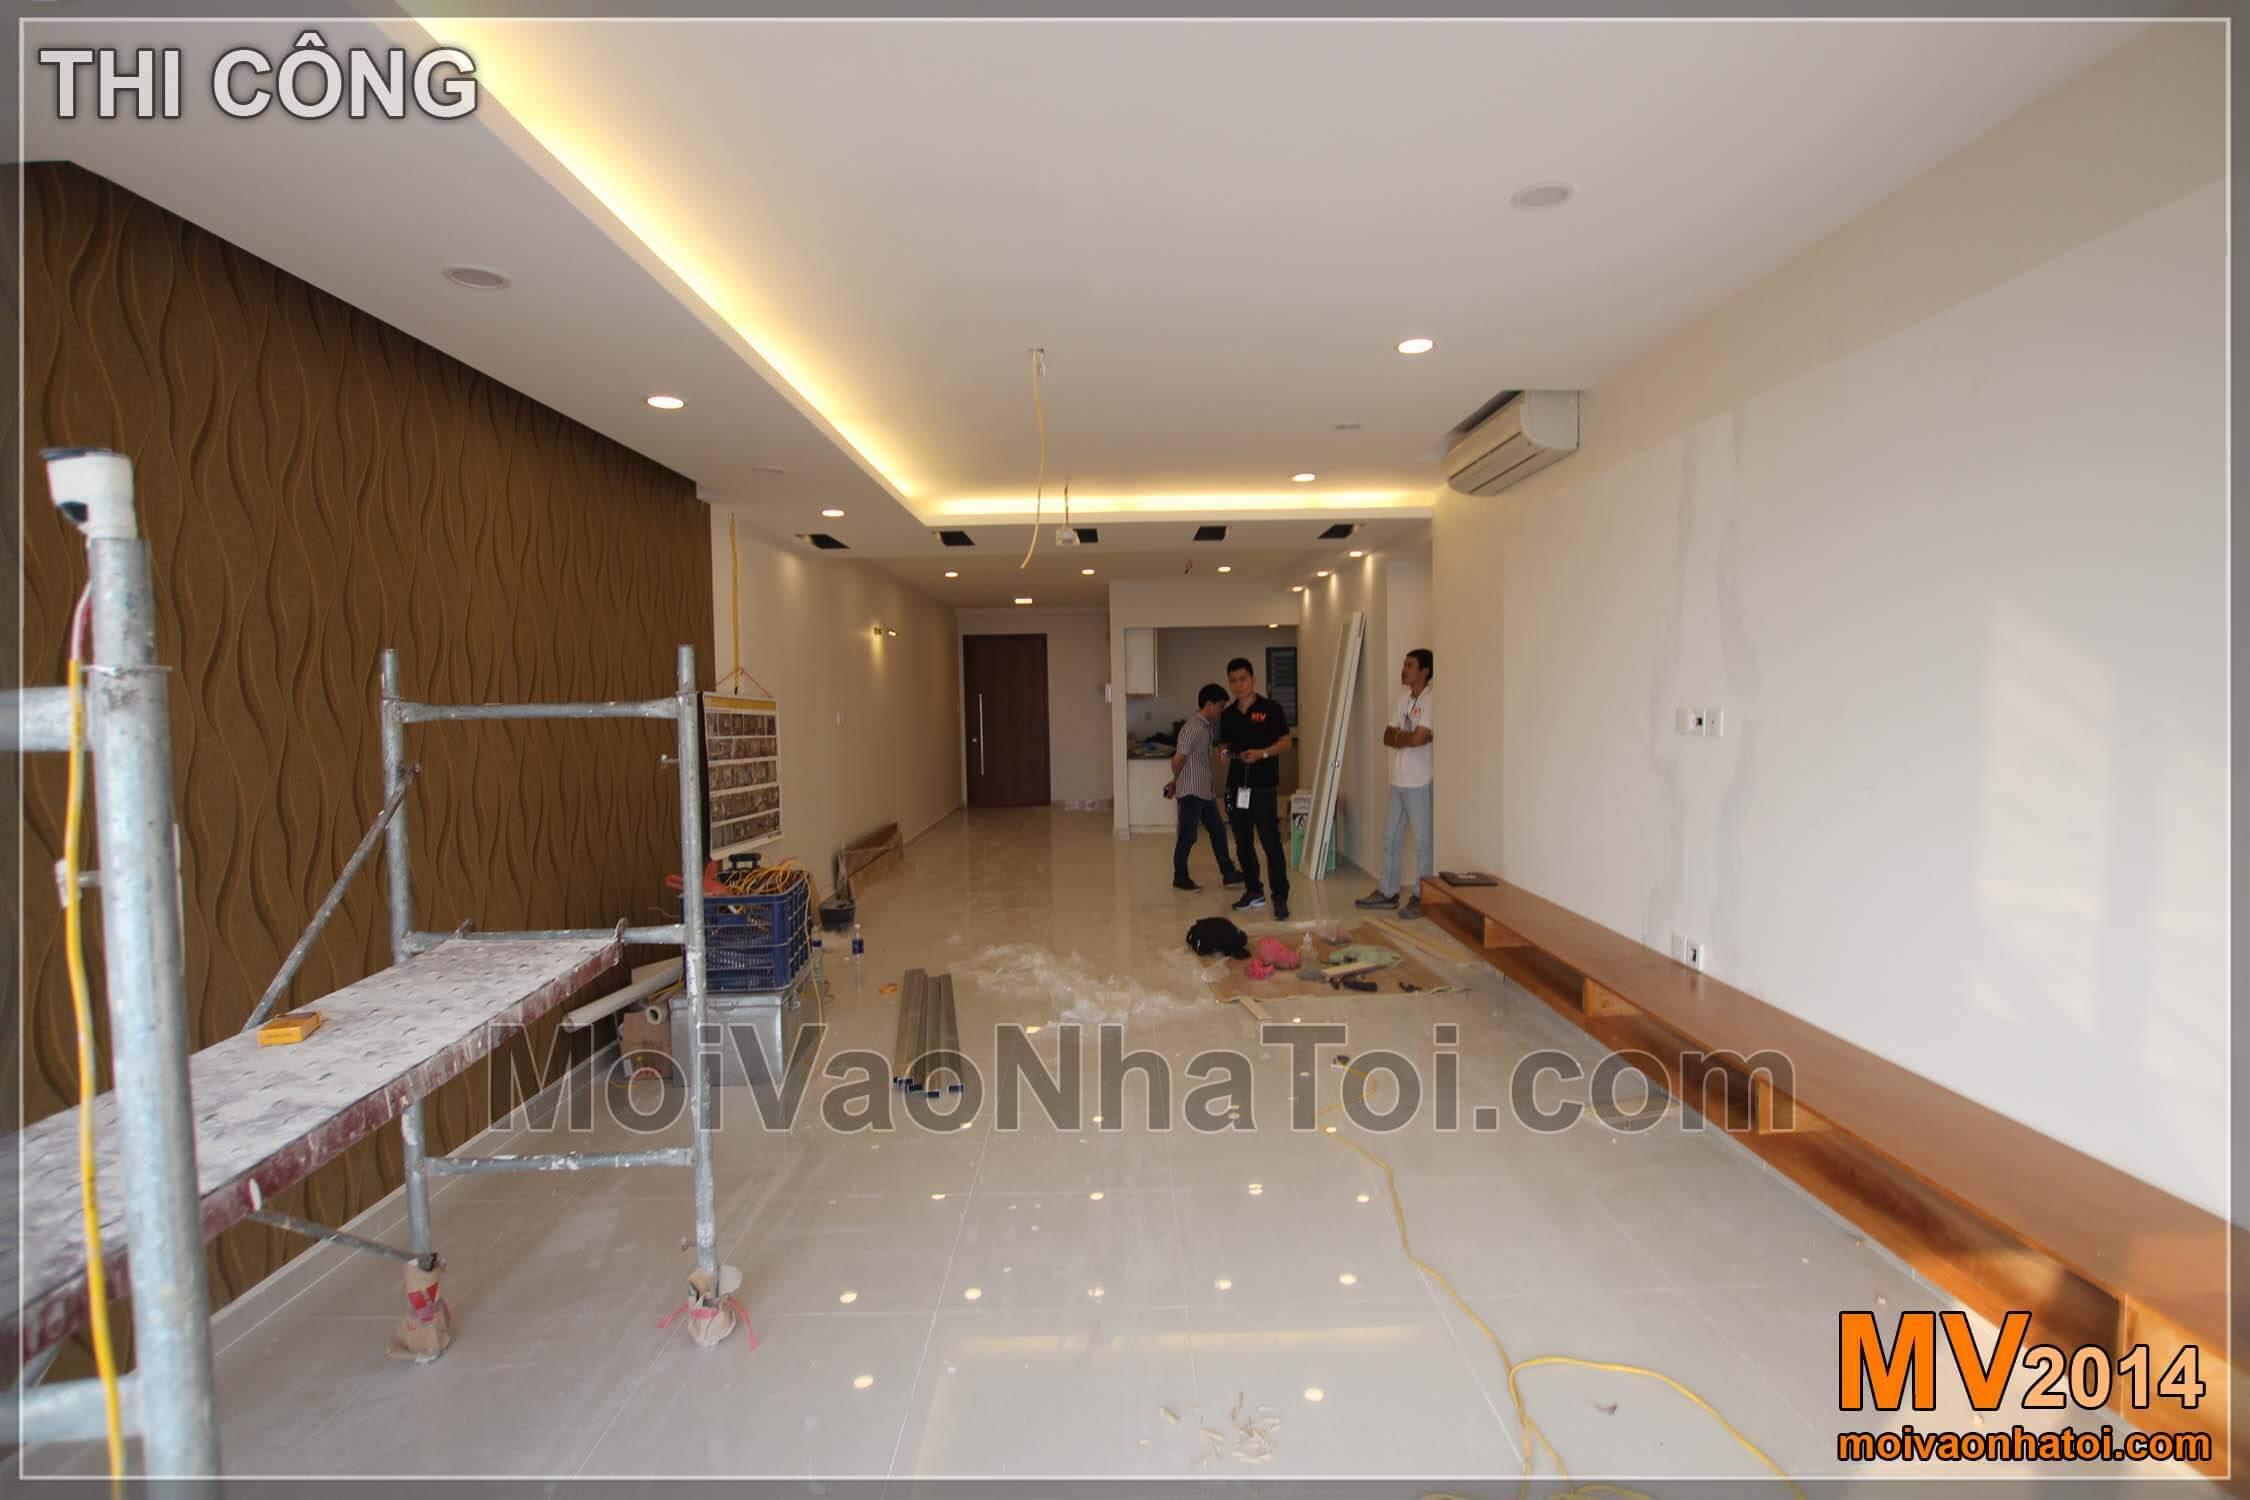 Phòng khách quá trình thi công nội thất